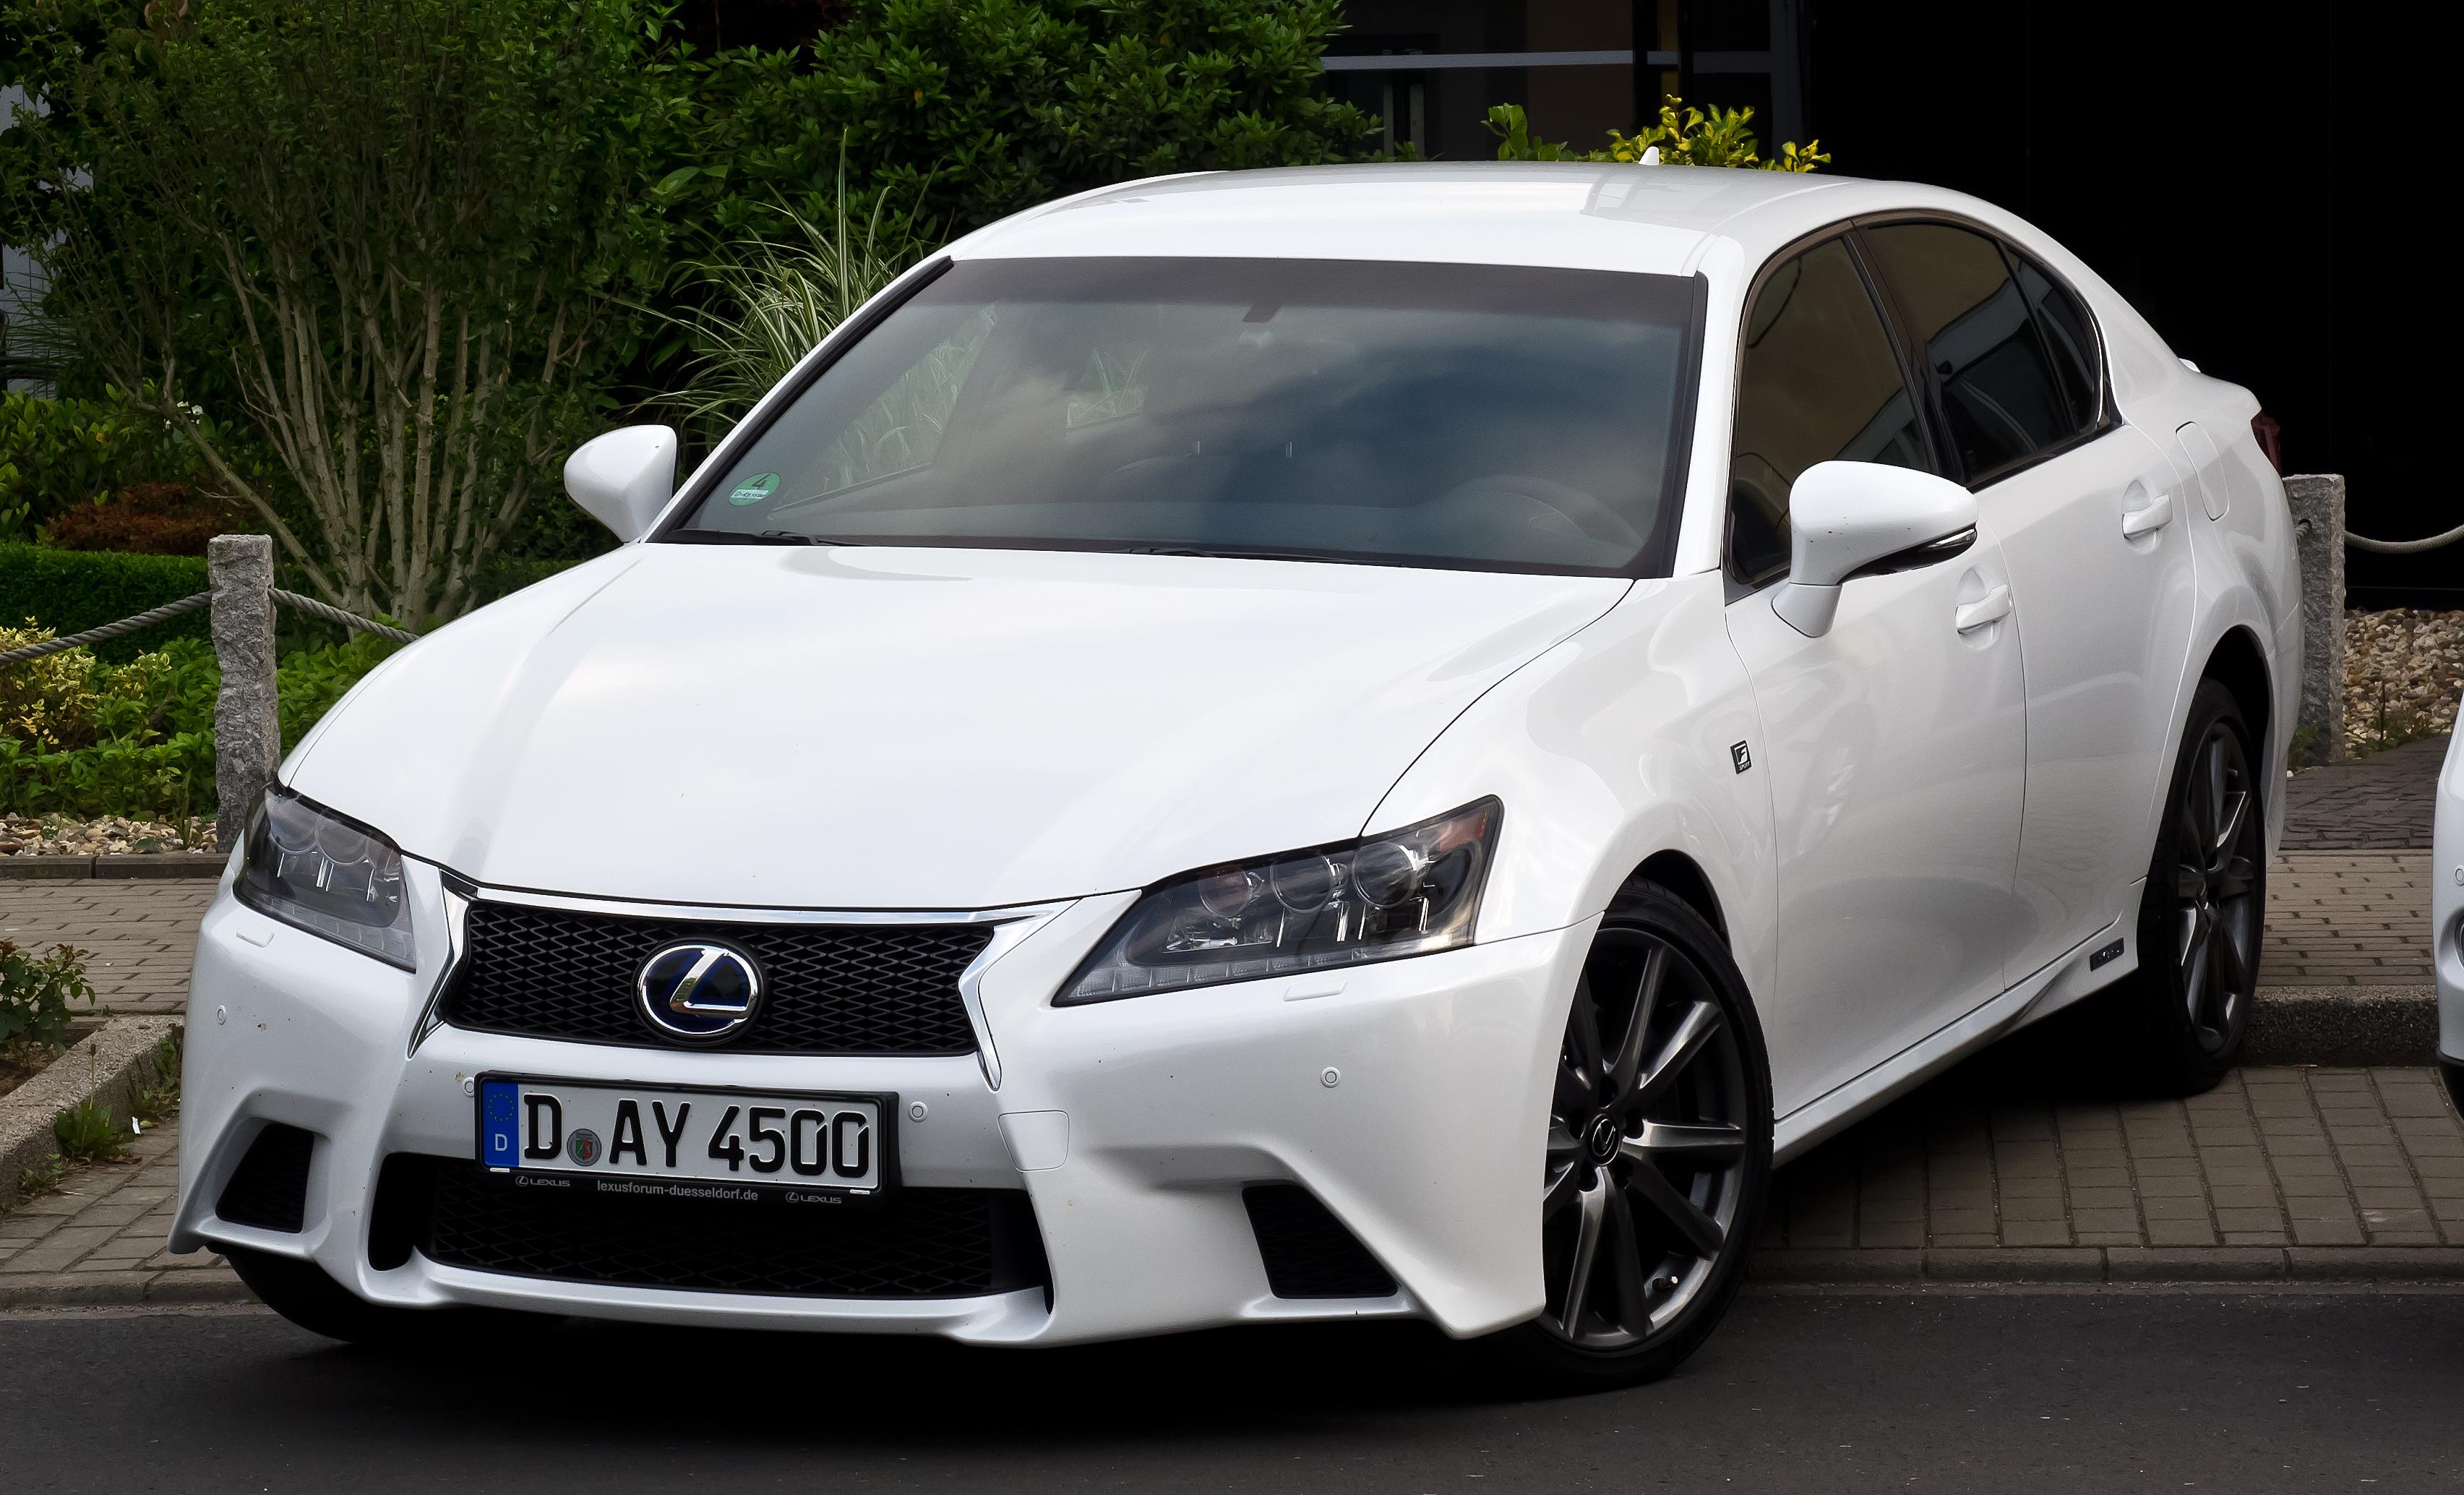 76392 Заставки и Обои Лексус (Lexus) на телефон. Скачать Лексус (Lexus), Тачки (Cars), Белый, F-Sport, Gs450H картинки бесплатно